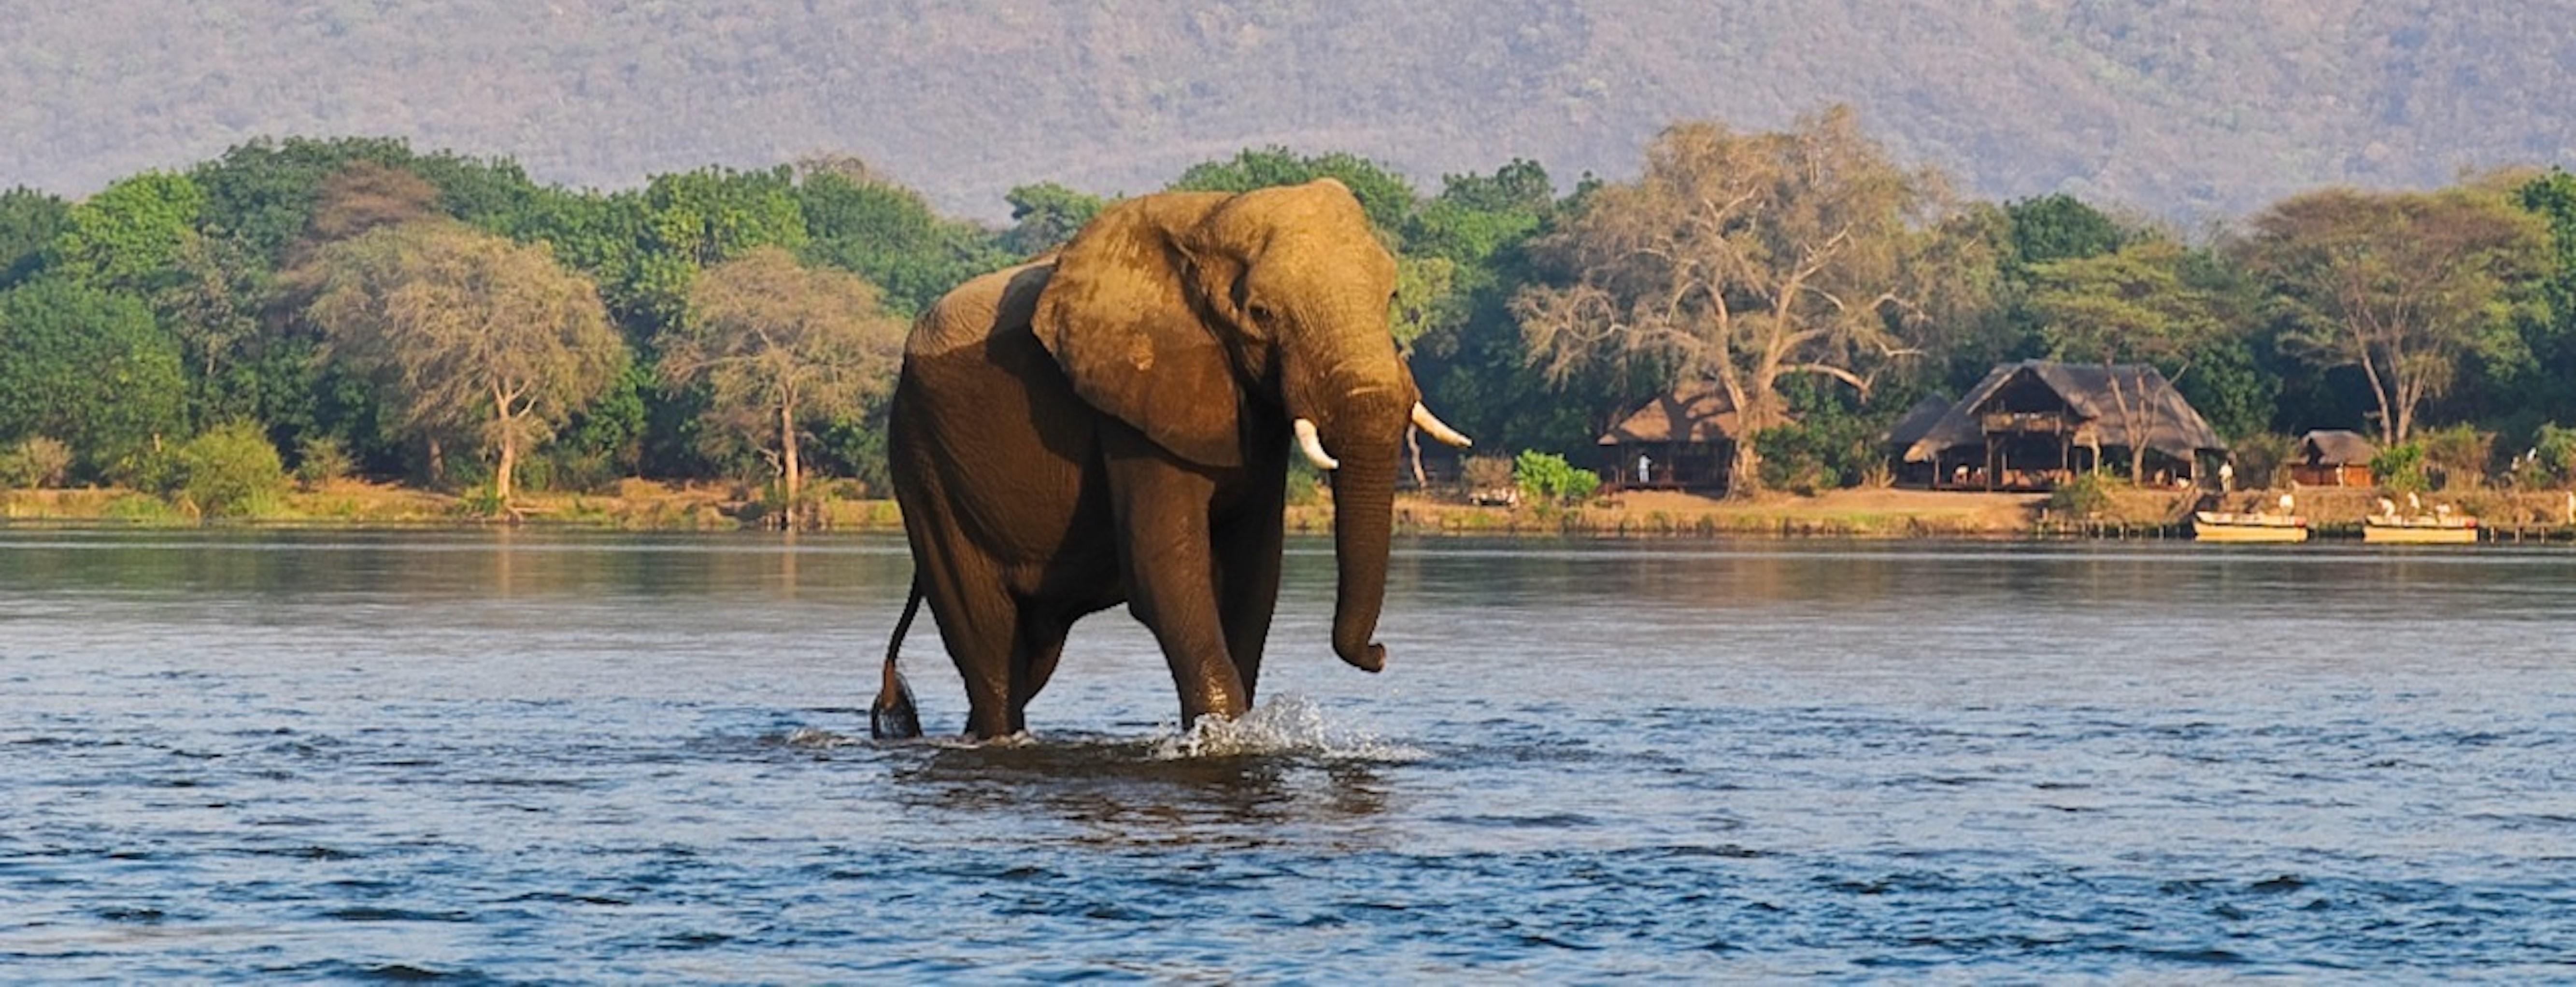 chiawa-camp-elephant-zambezi-river